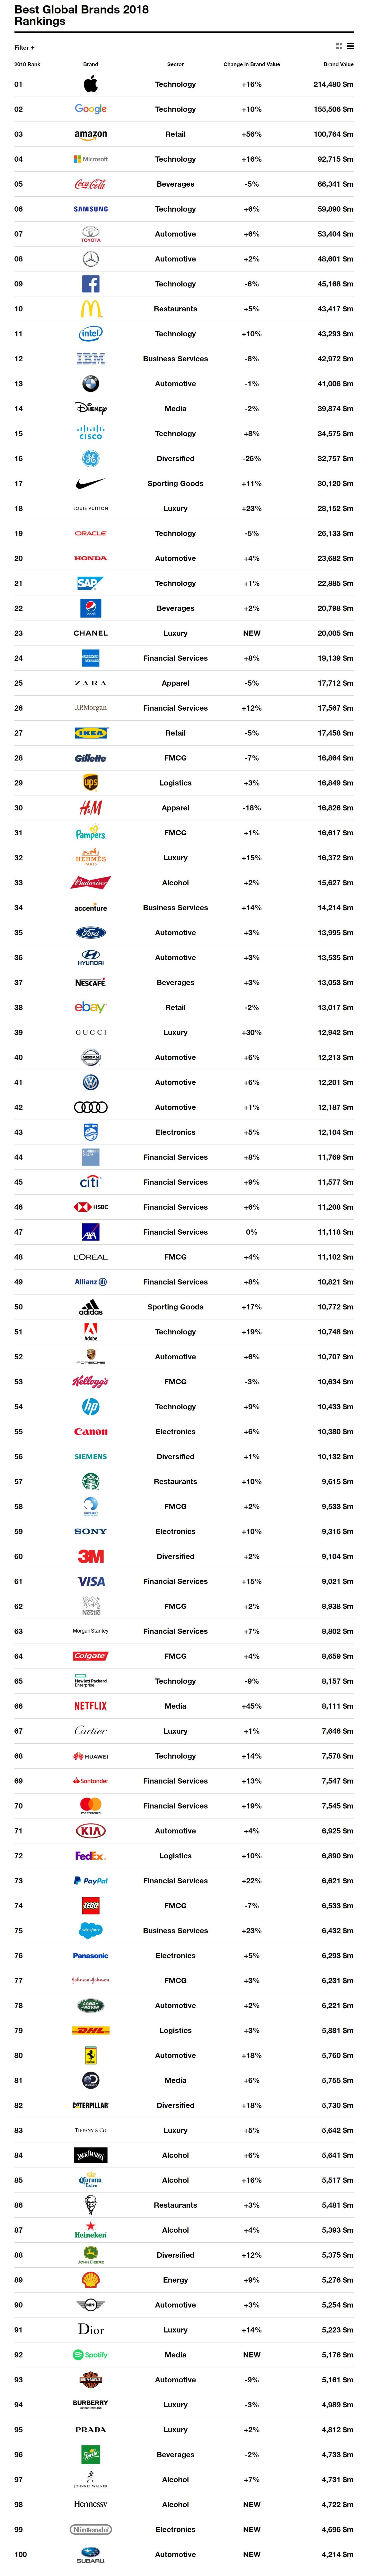 Interbrand. աշխարհի ամենաթանկ բրենդները 2018